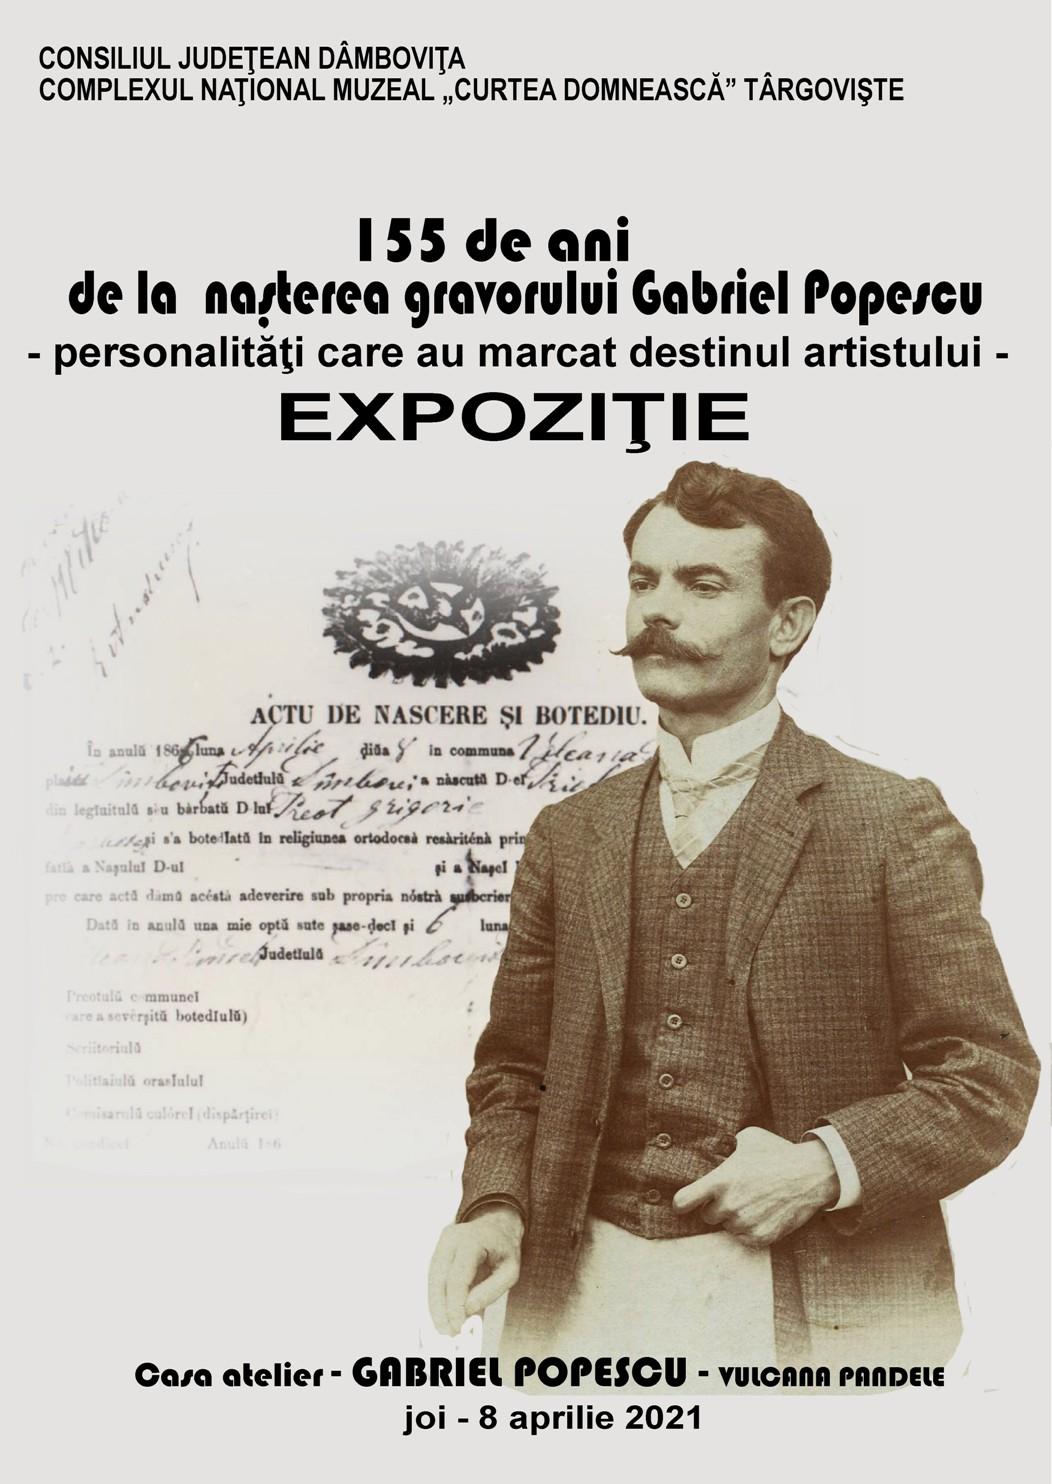 155 de ani de la naşterea gravorului Gabriel Popescu - personalităţi care au marcat destinul artistului